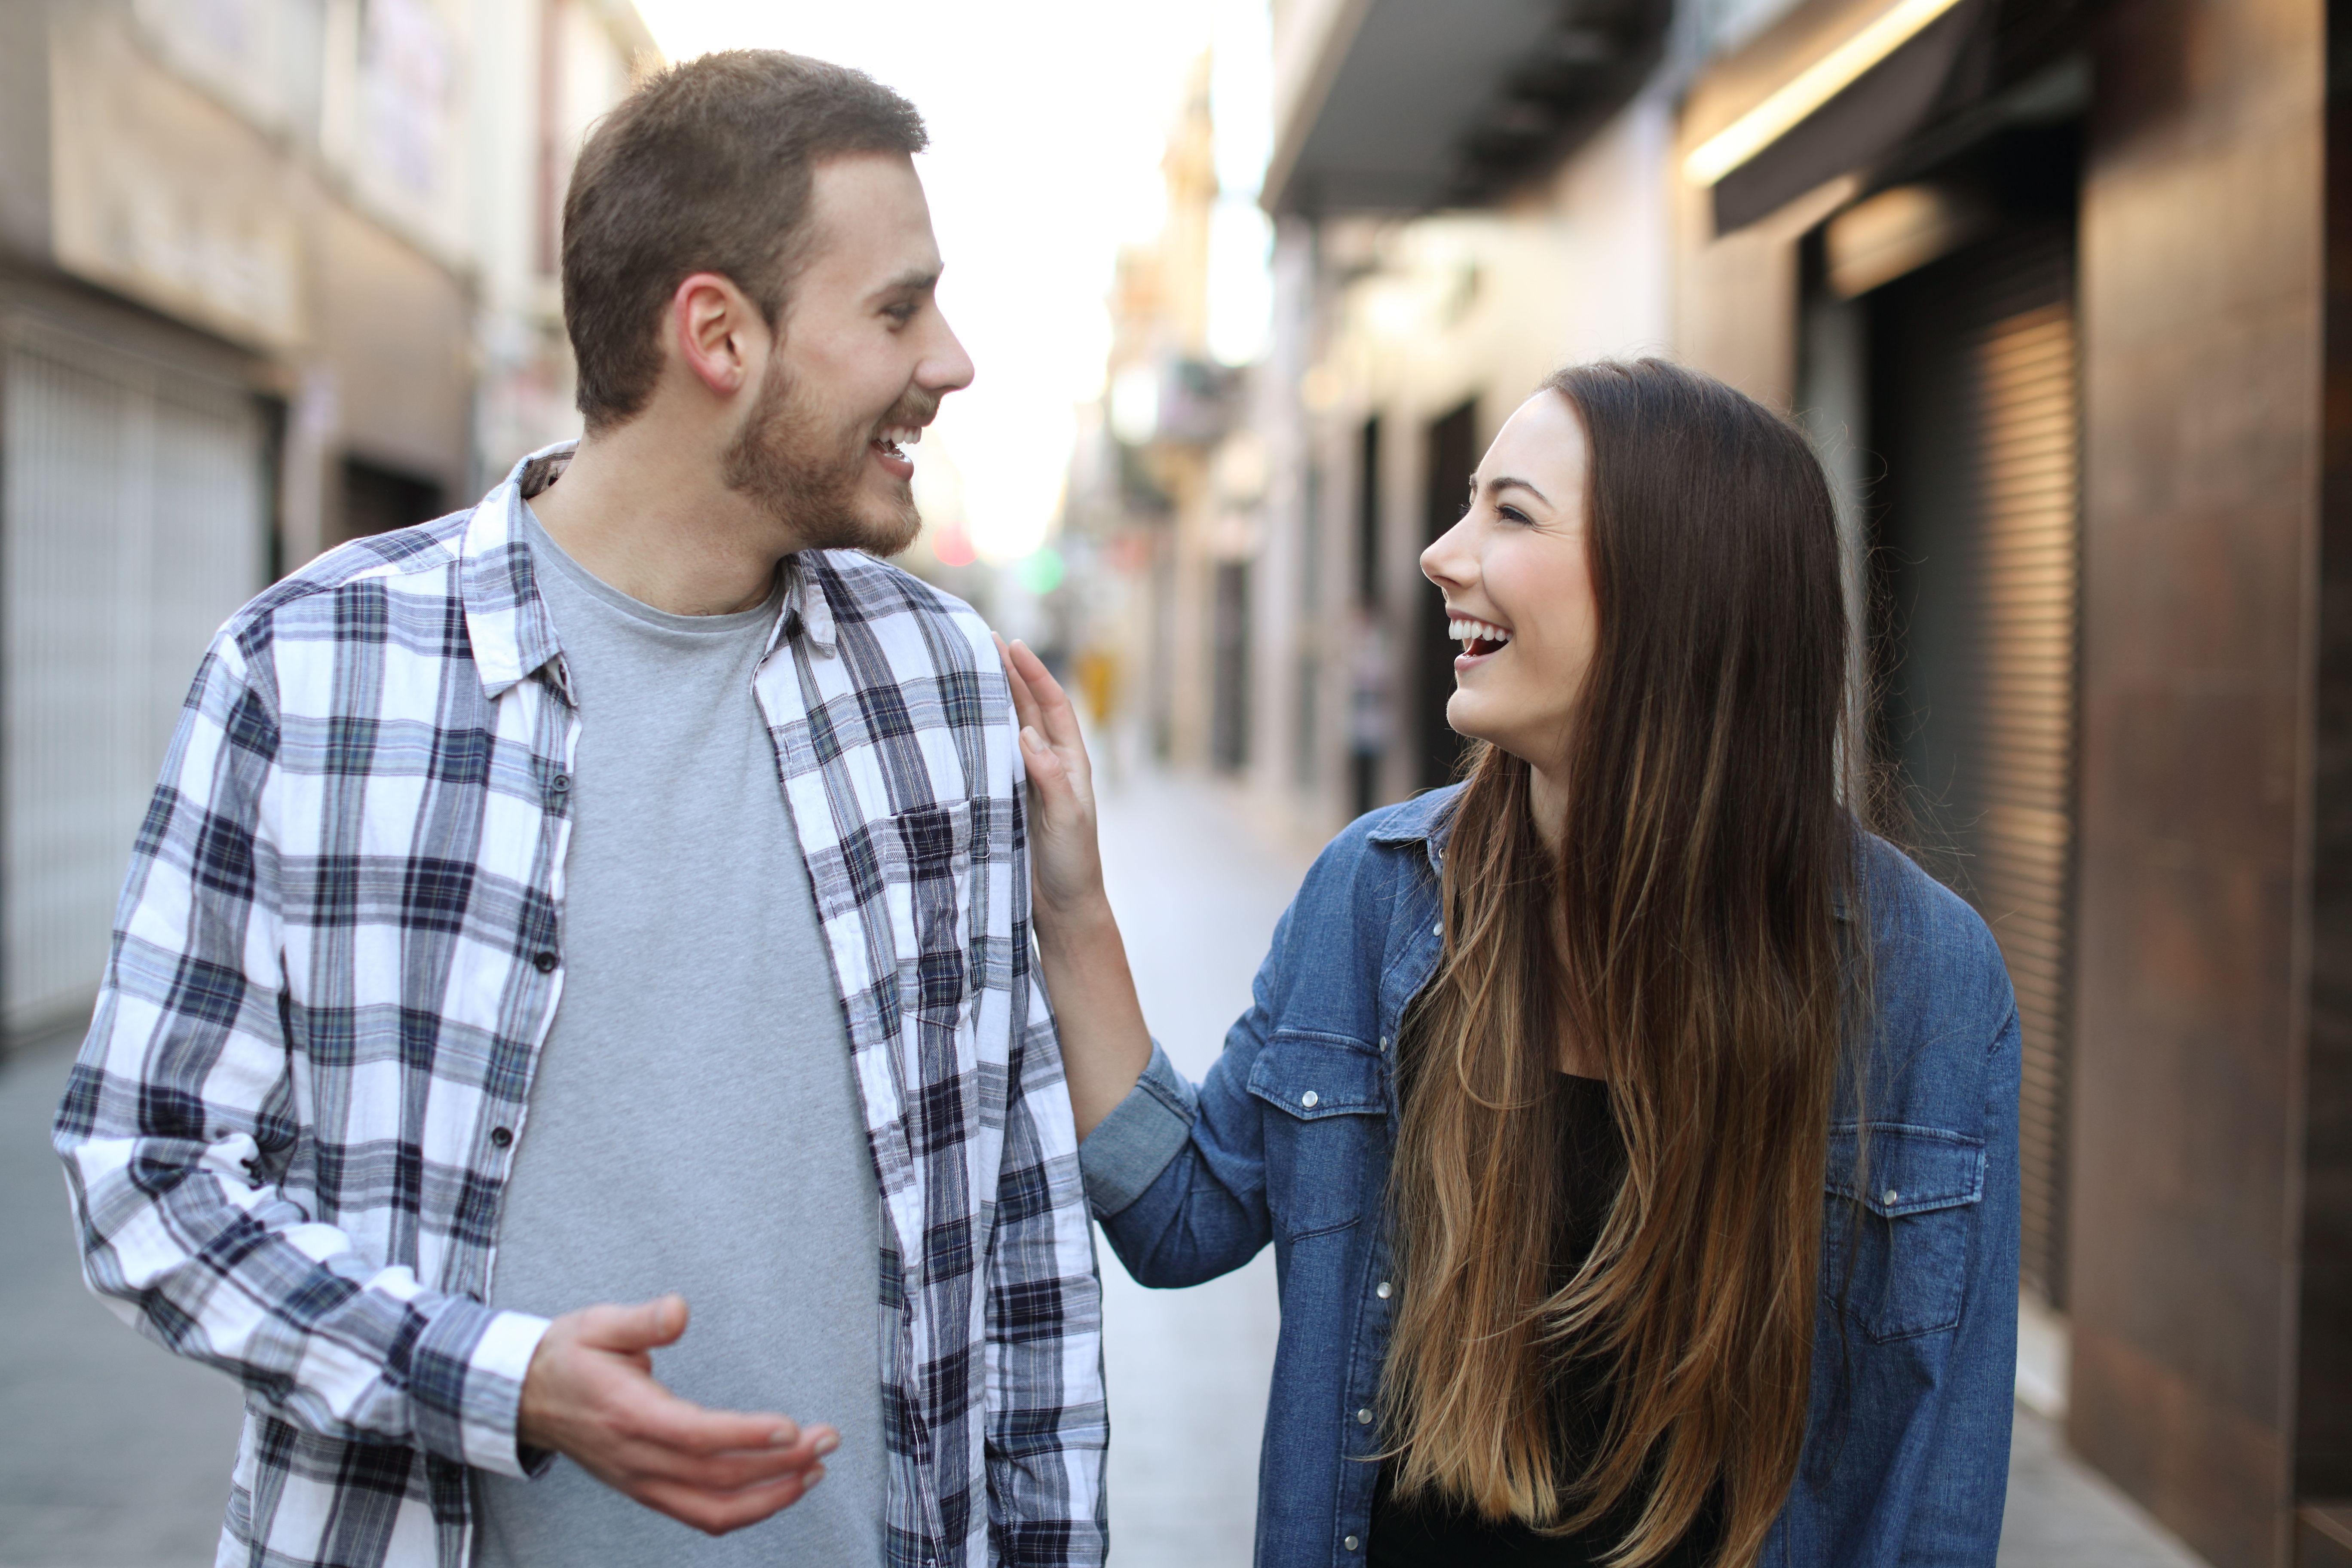 Man and woman conversing while walking